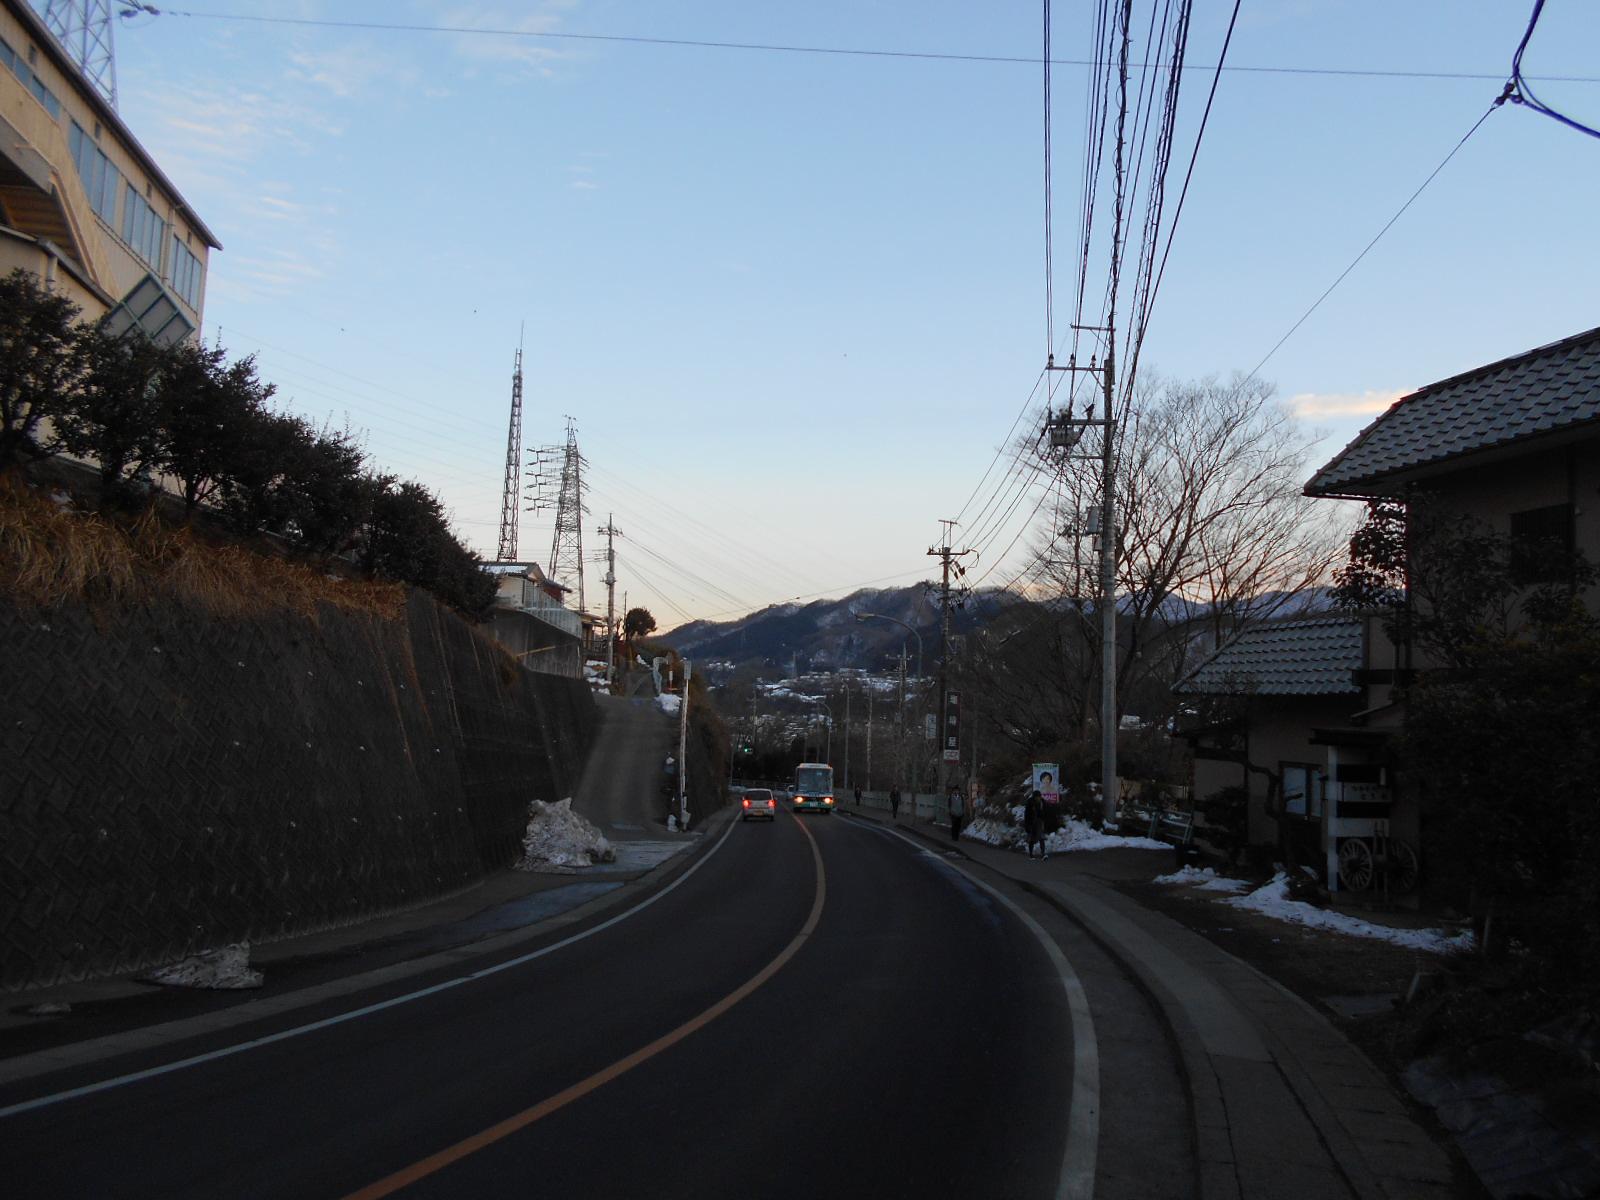 DSCN5776.jpg